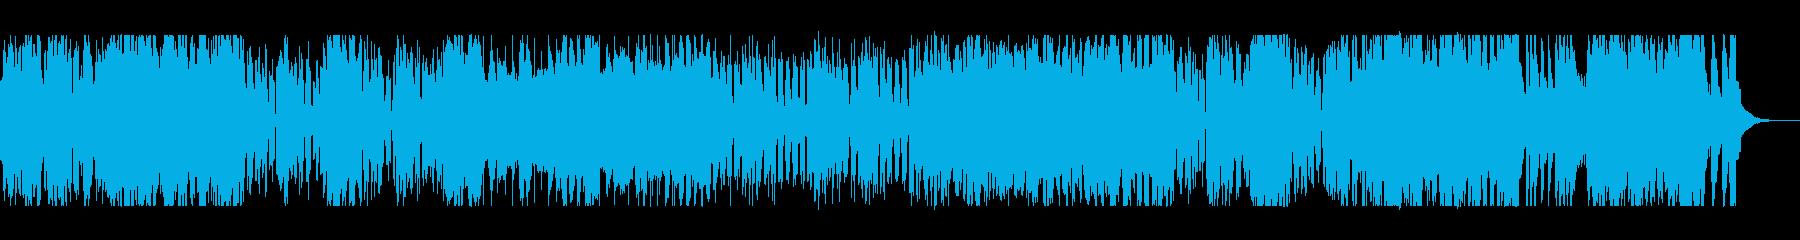 疾走感と迫力のオーケストラ・ポップスの再生済みの波形